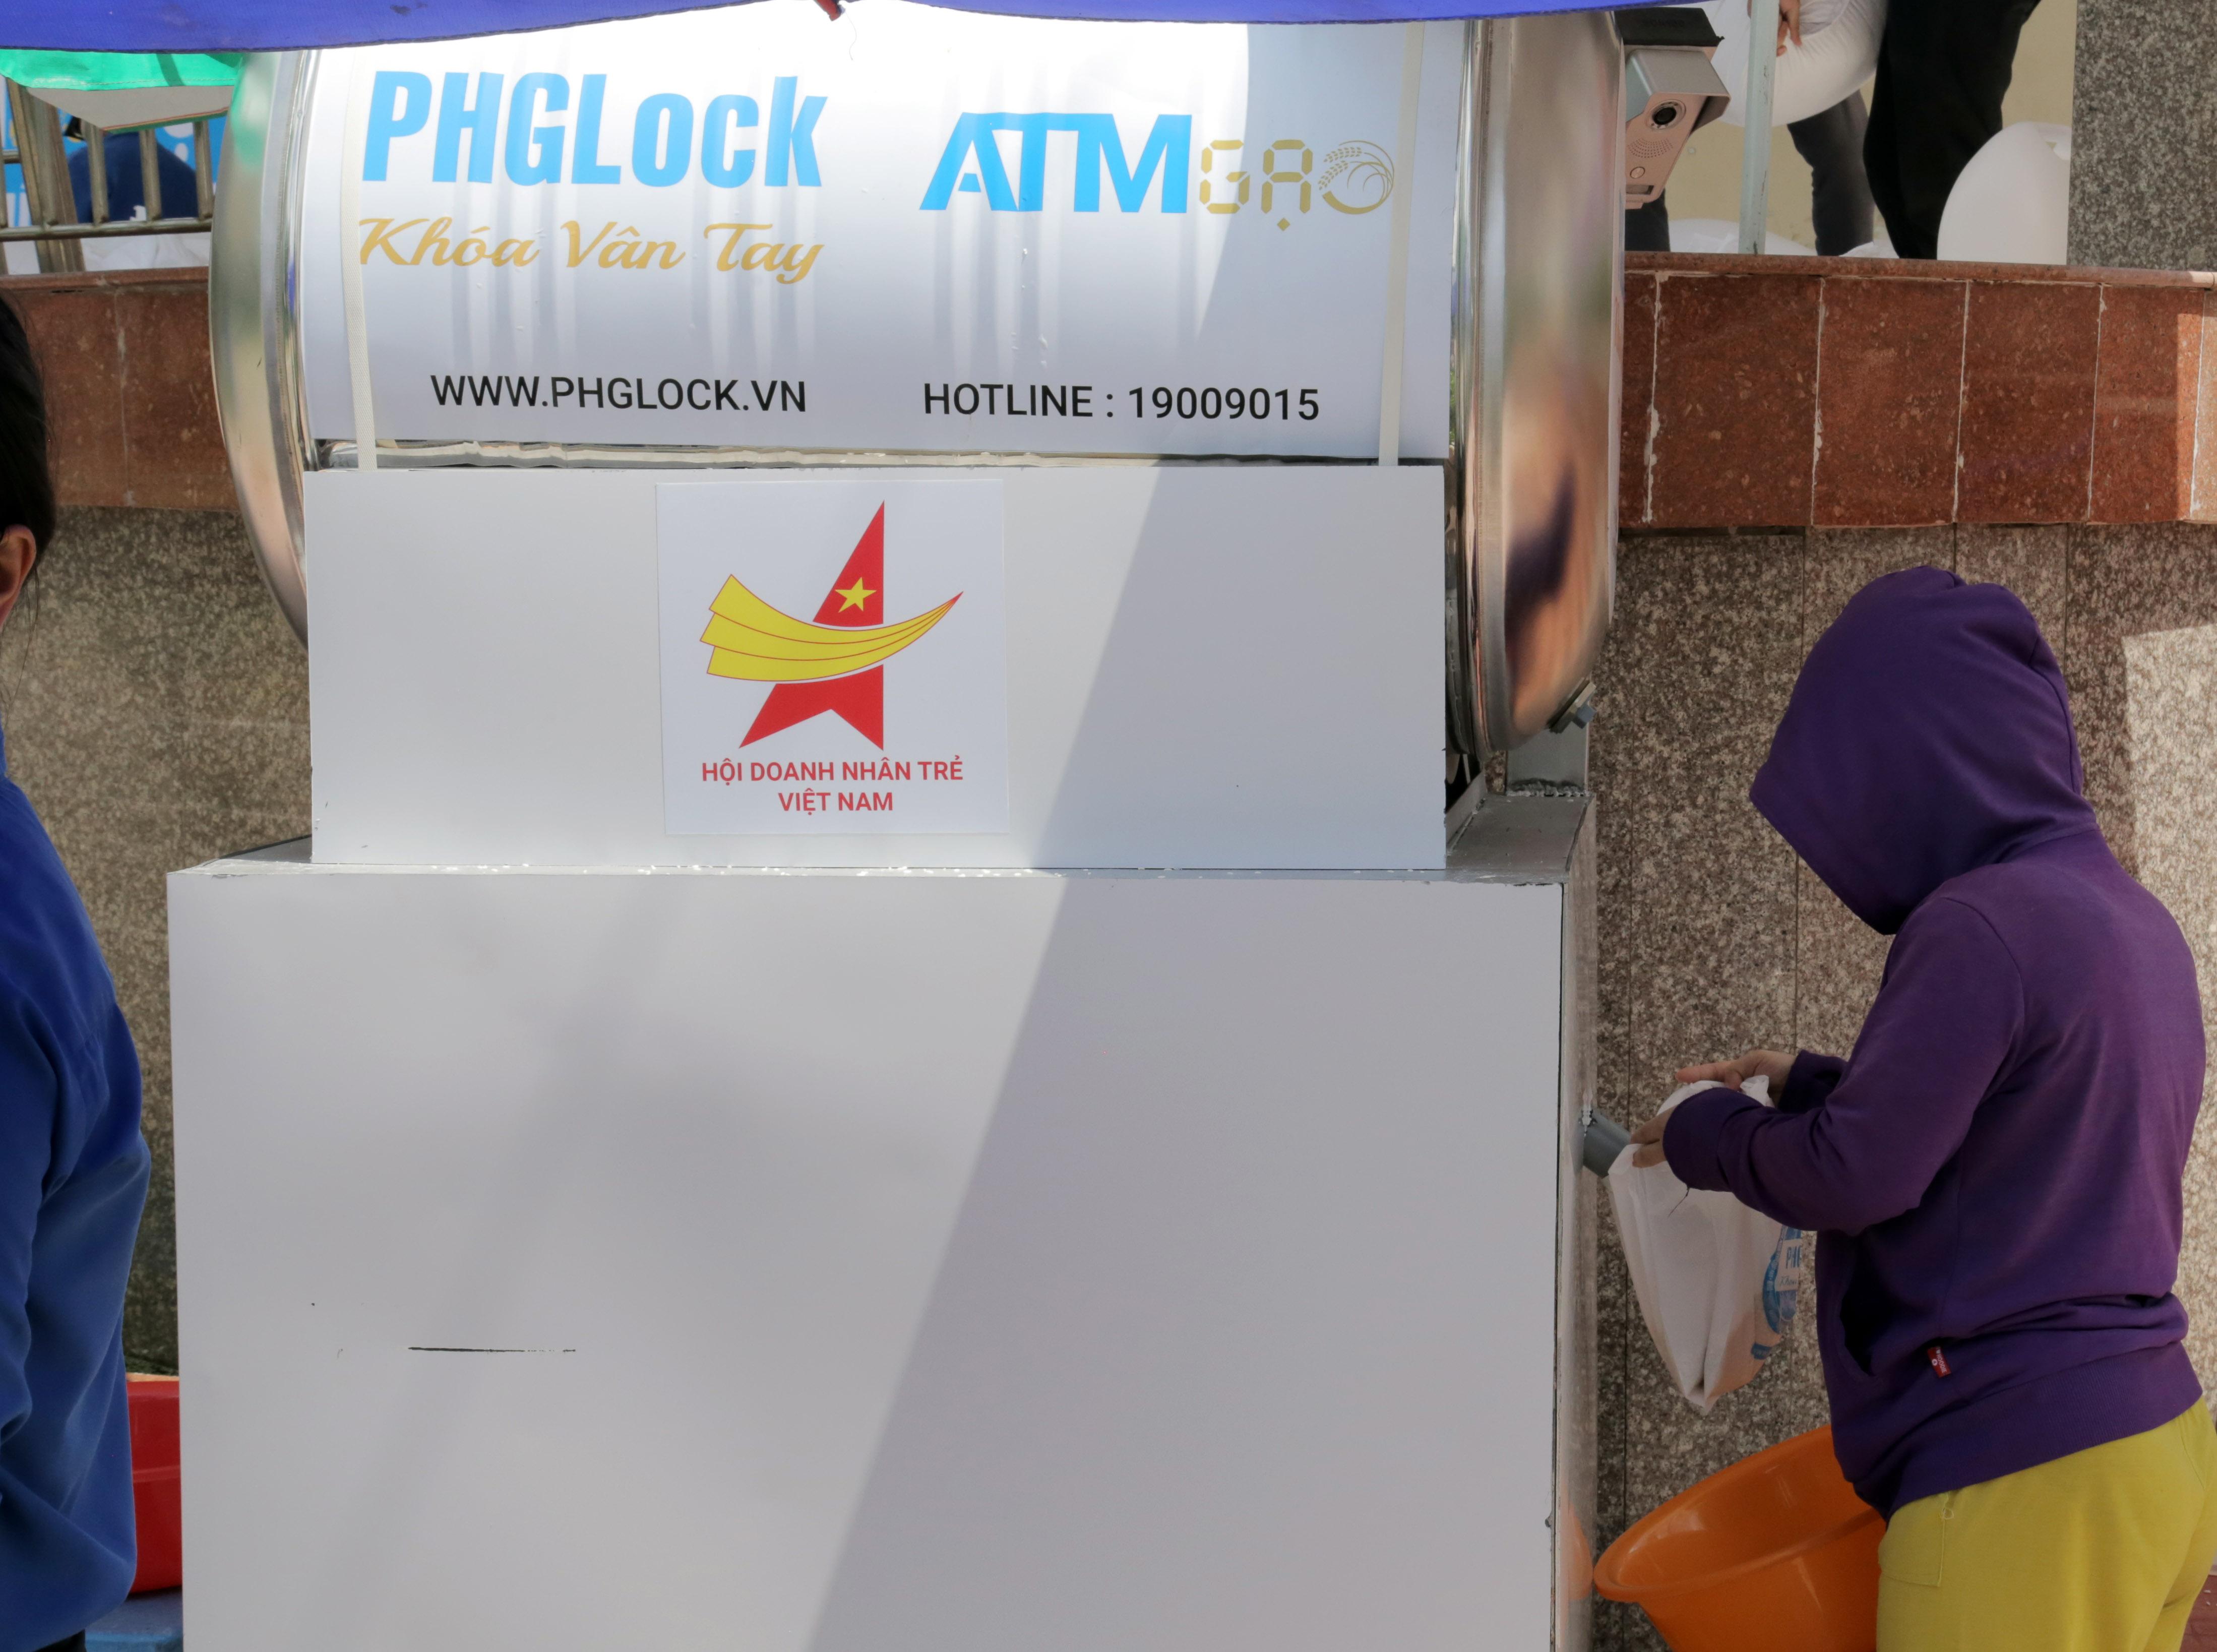 """""""ATM gạo"""" thứ 2 ở Sài Gòn hoạt động trong mùa dịch, bà con khó khăn chỉ cần đến """"máy sẽ tự động nhả gạo"""" - hình ảnh 8"""